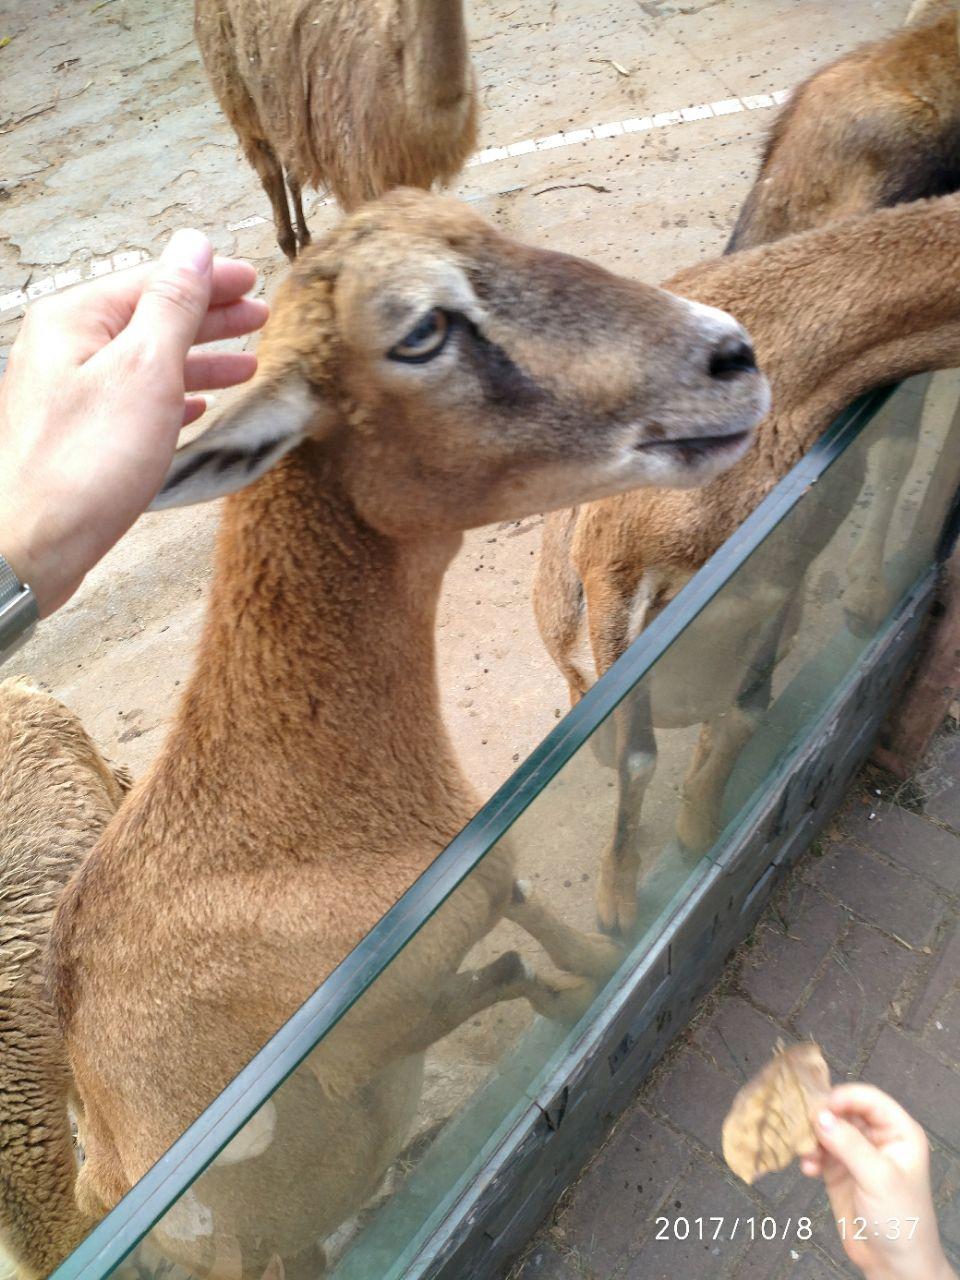 广州广州动物园好玩吗,广州广州动物园景点怎么样